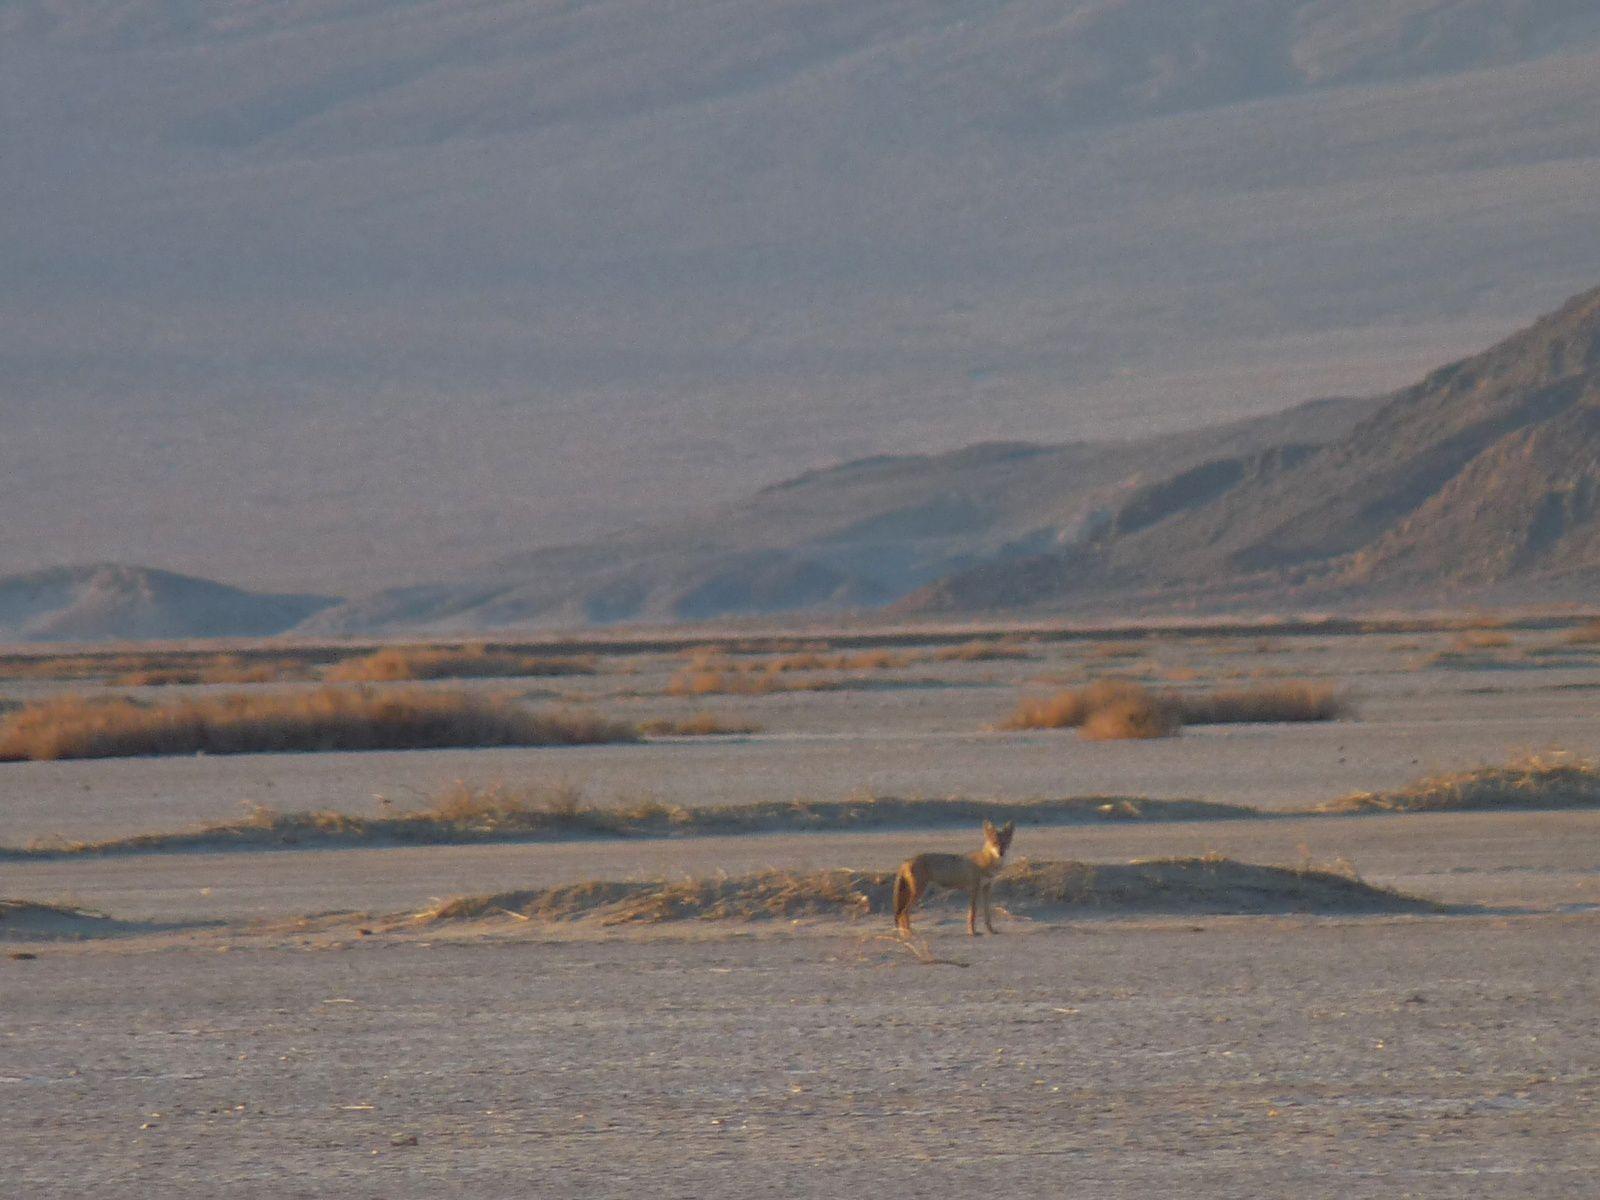 ...au loin un coyotte ... sur son territoire de chasse...